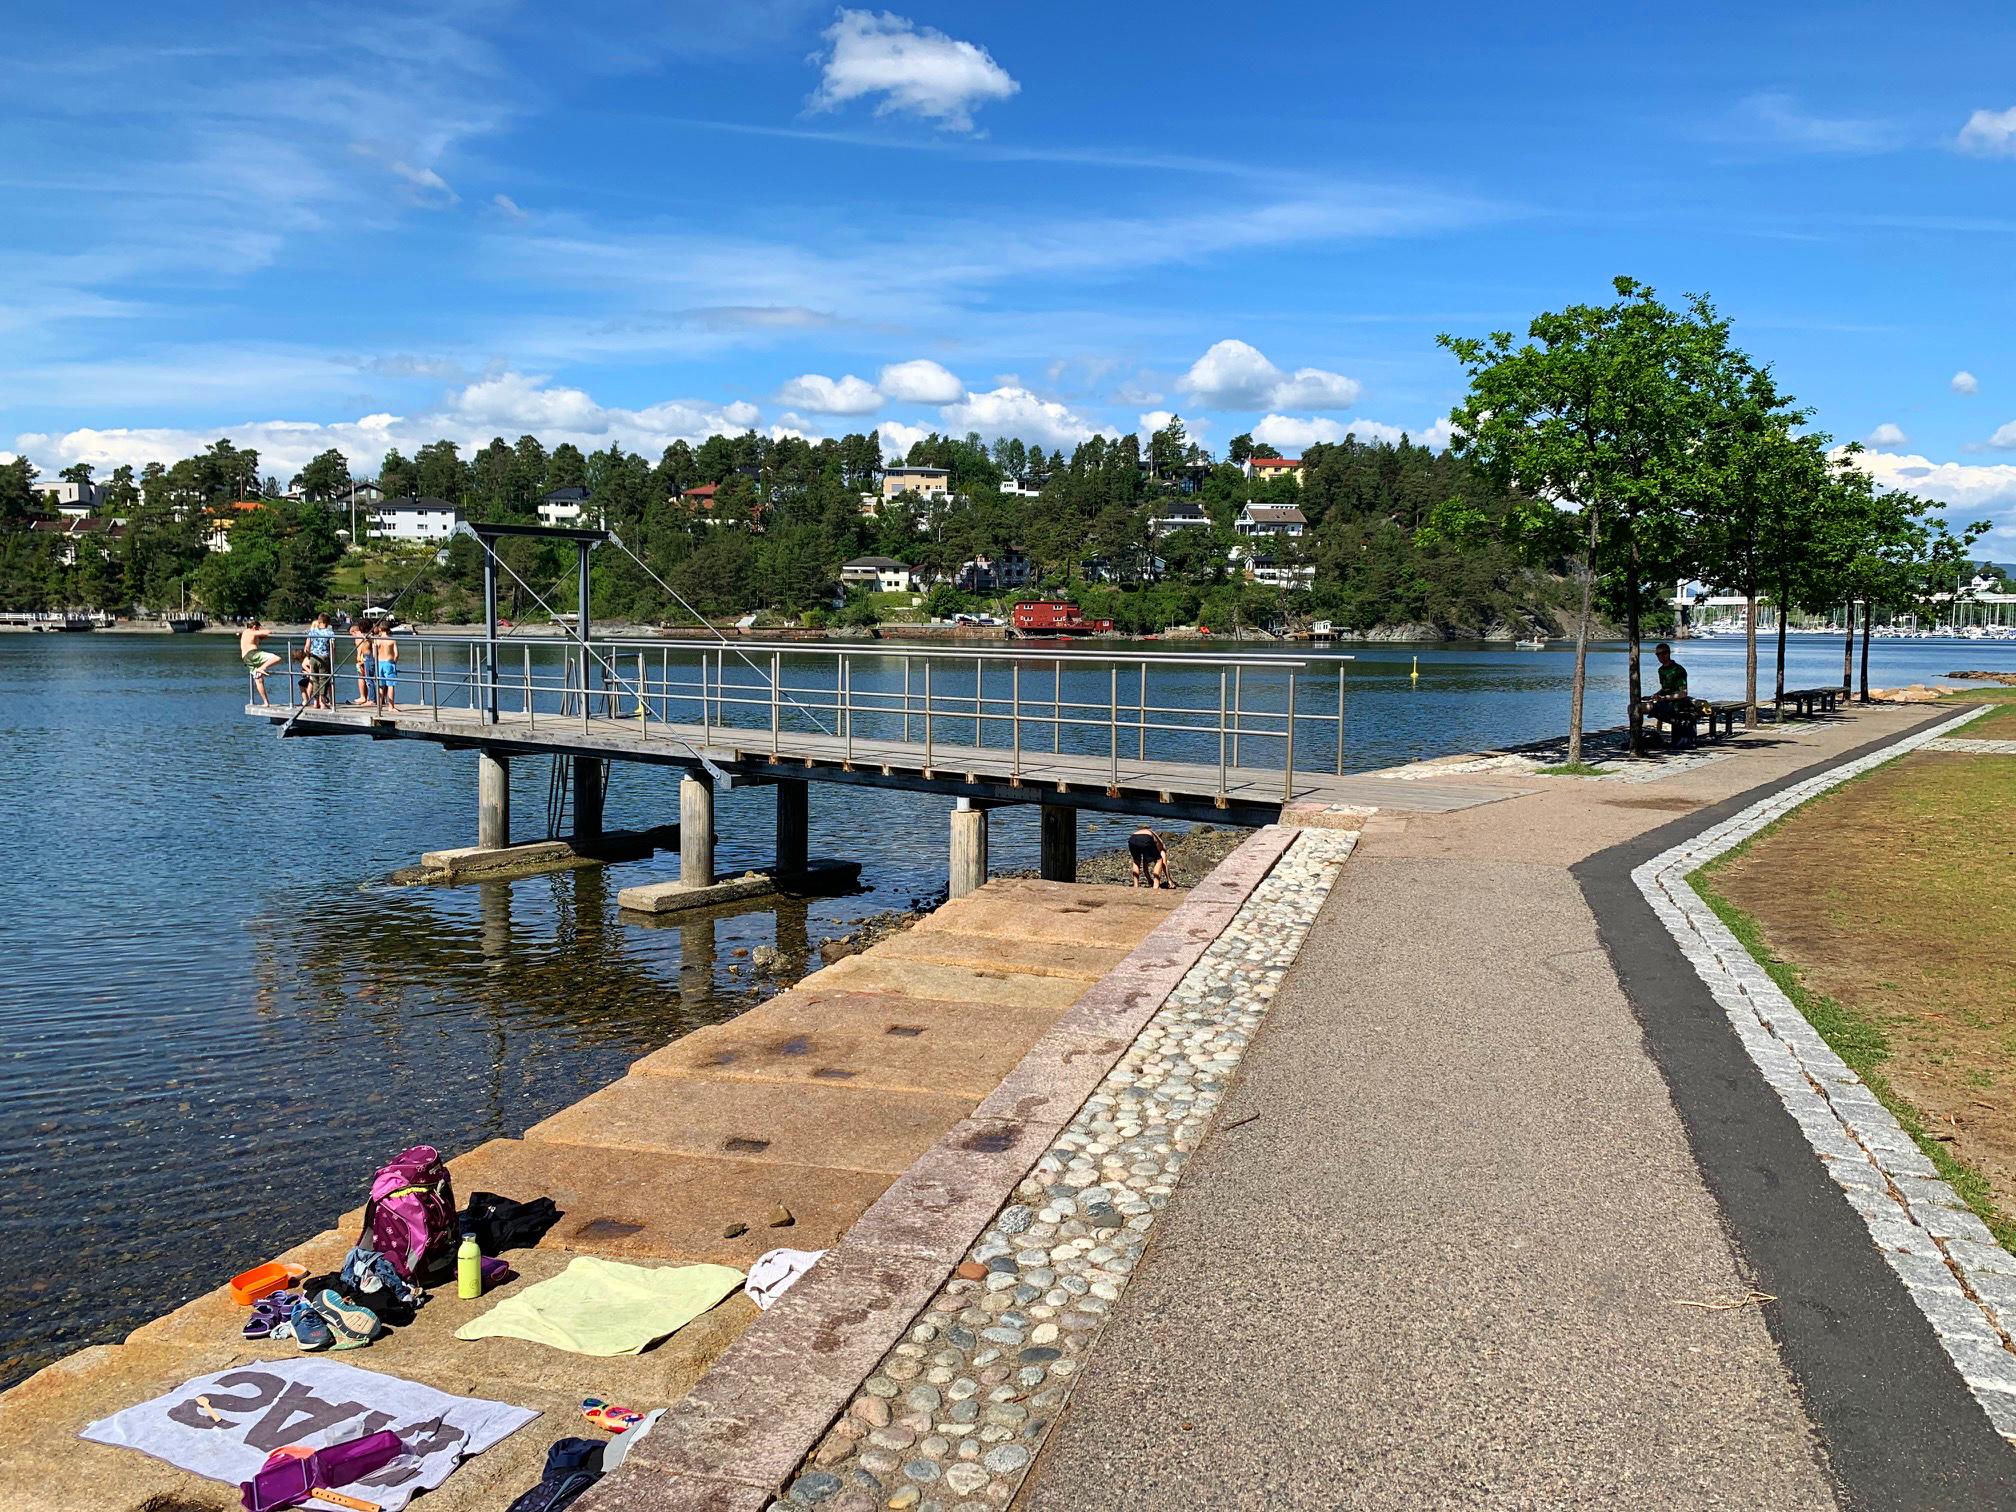 sitios y playas en oslo - Nordstrand bad